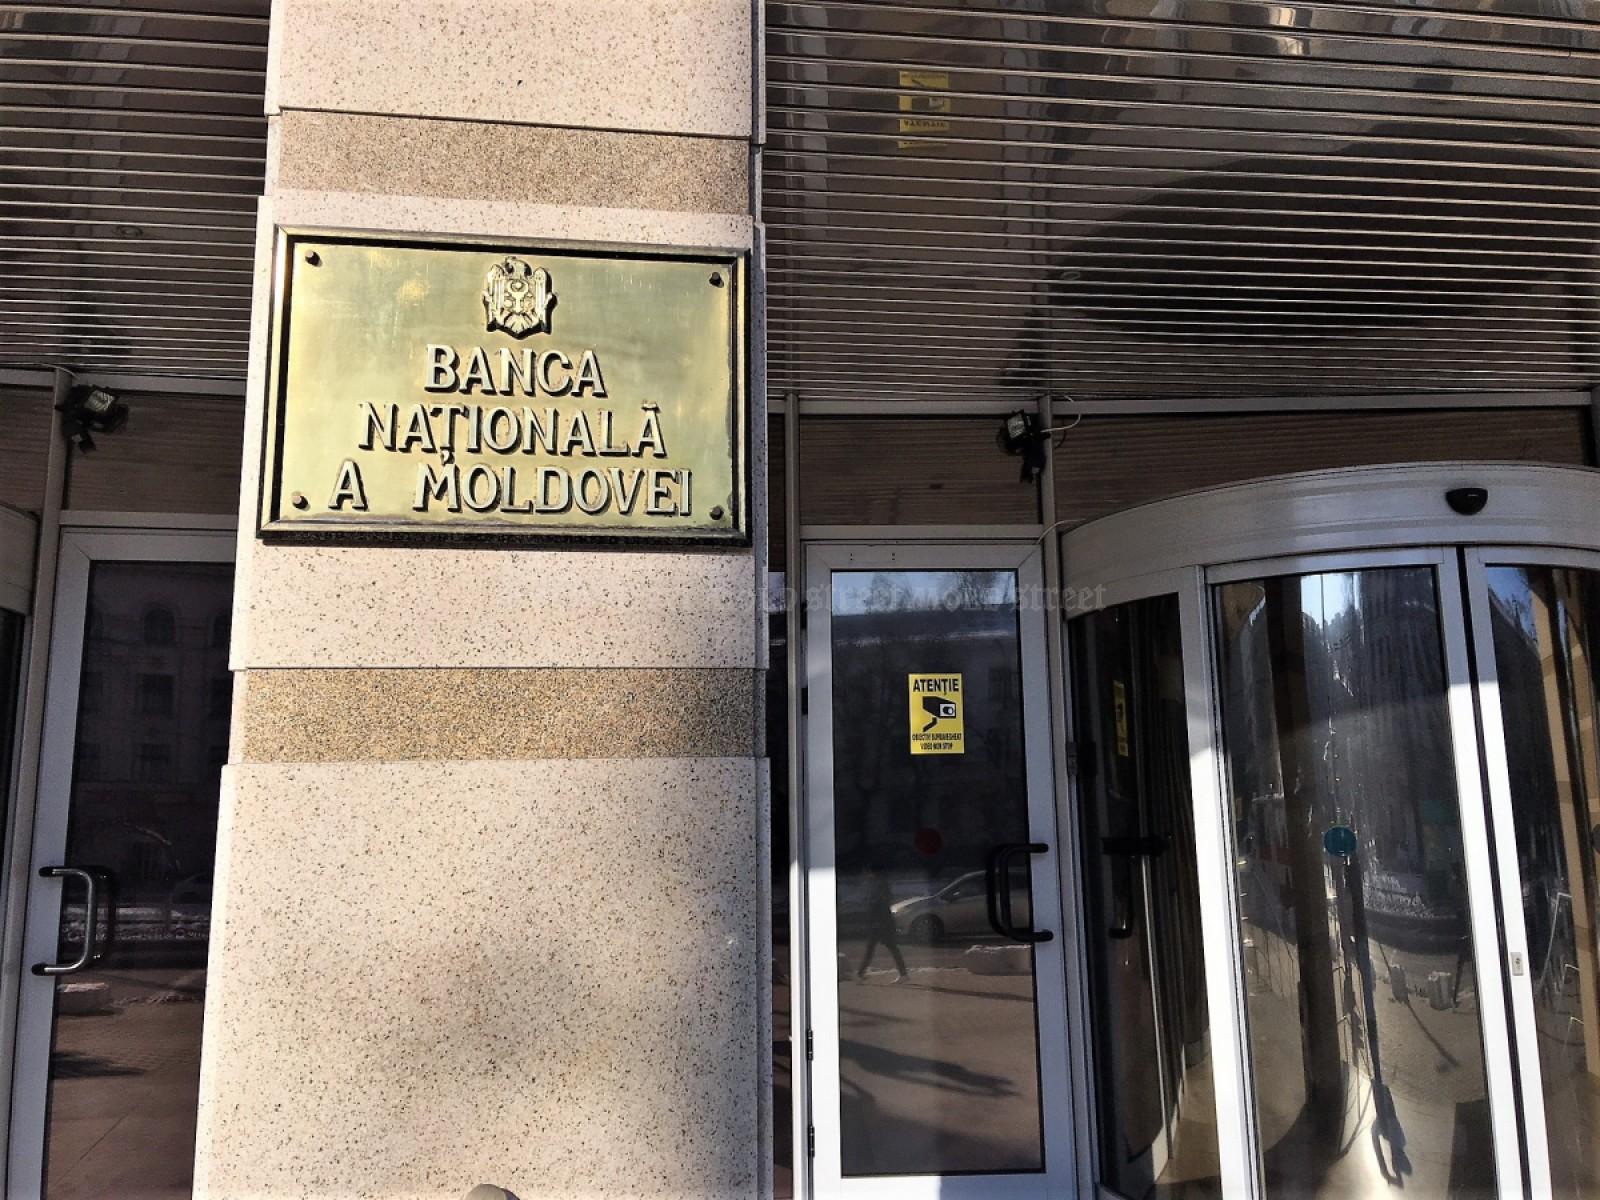 Mold-street: De ce Guvernul se convoacă de urgență pentru a anula un articol aprobat 6 luni în urmă